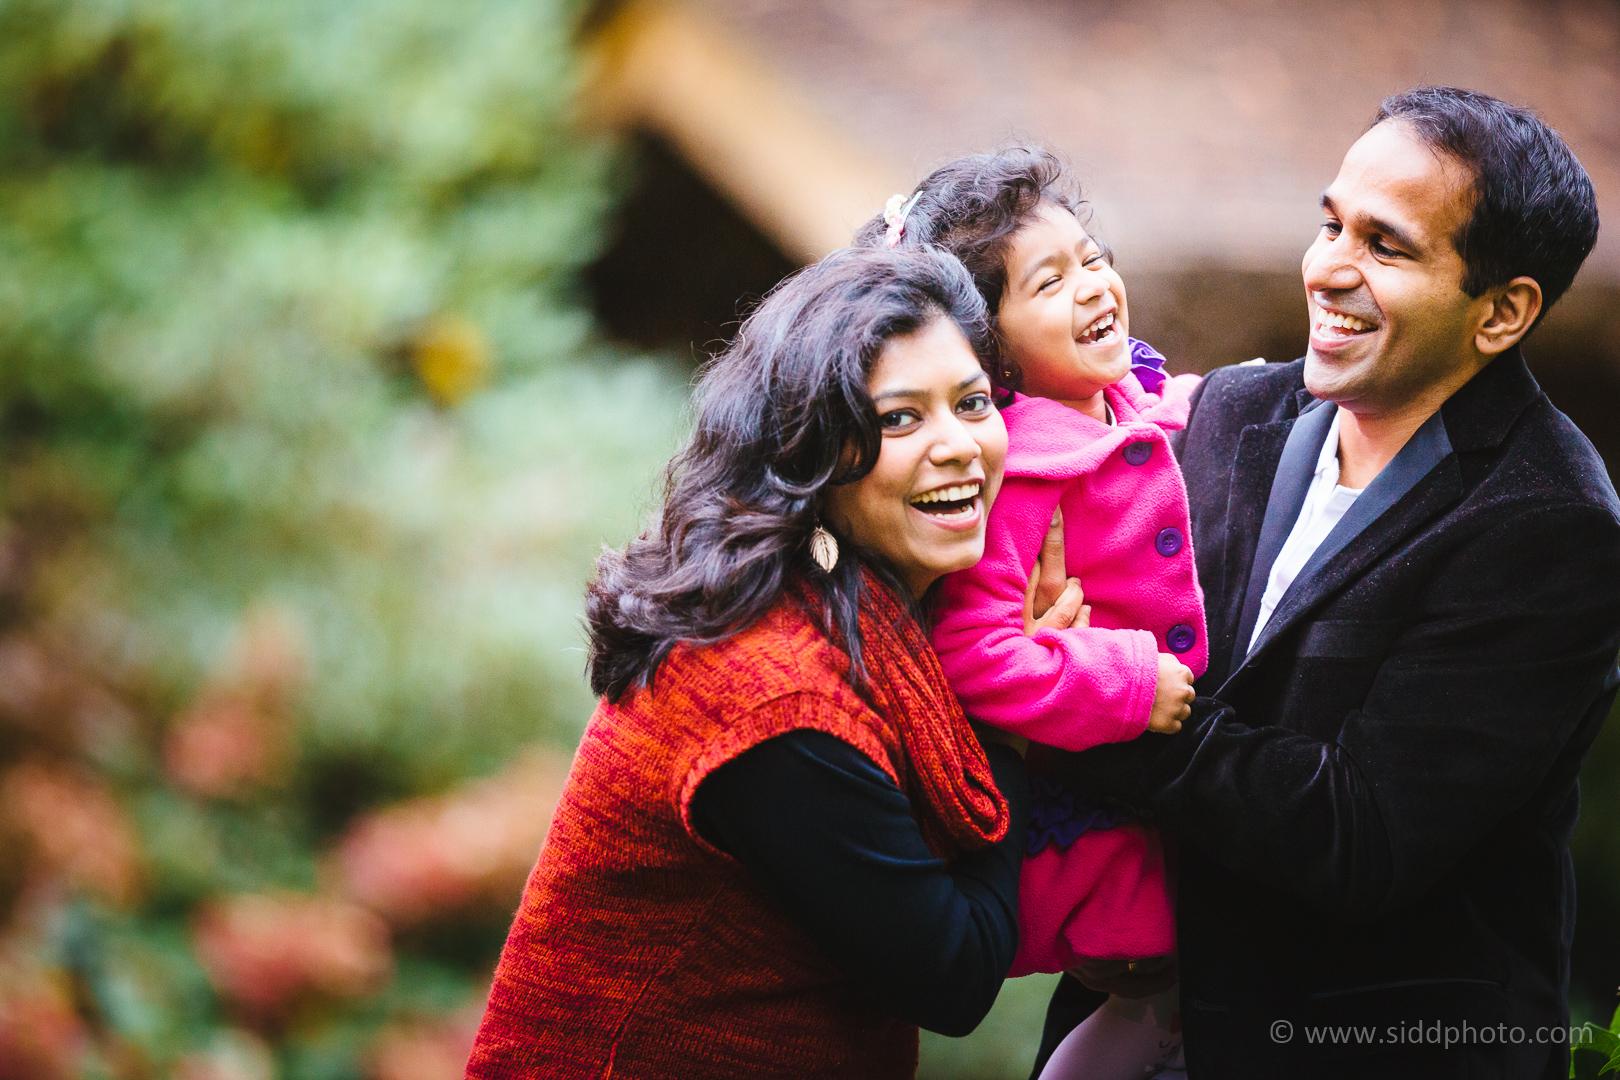 2014-10-24 - 2014-10-25 - Mugdha Aniruddha Family - _O5C7336